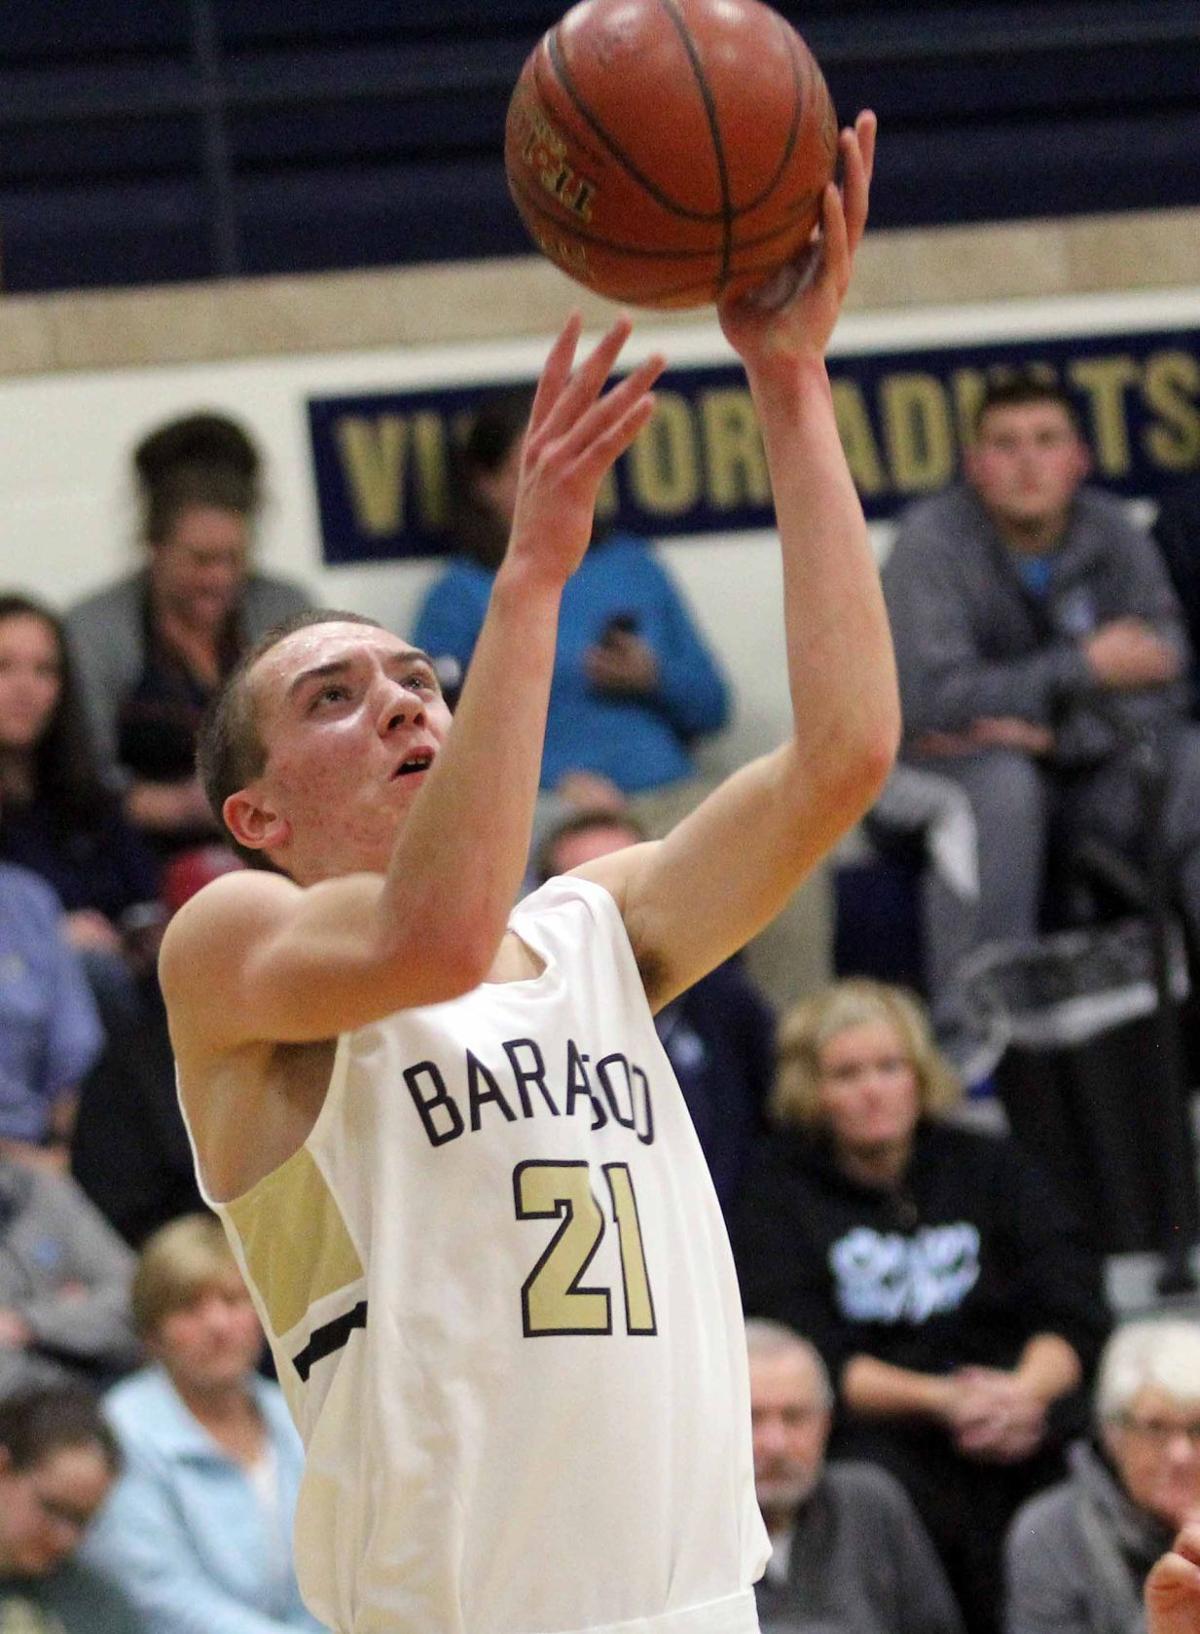 Baraboo's Ryan Gehin